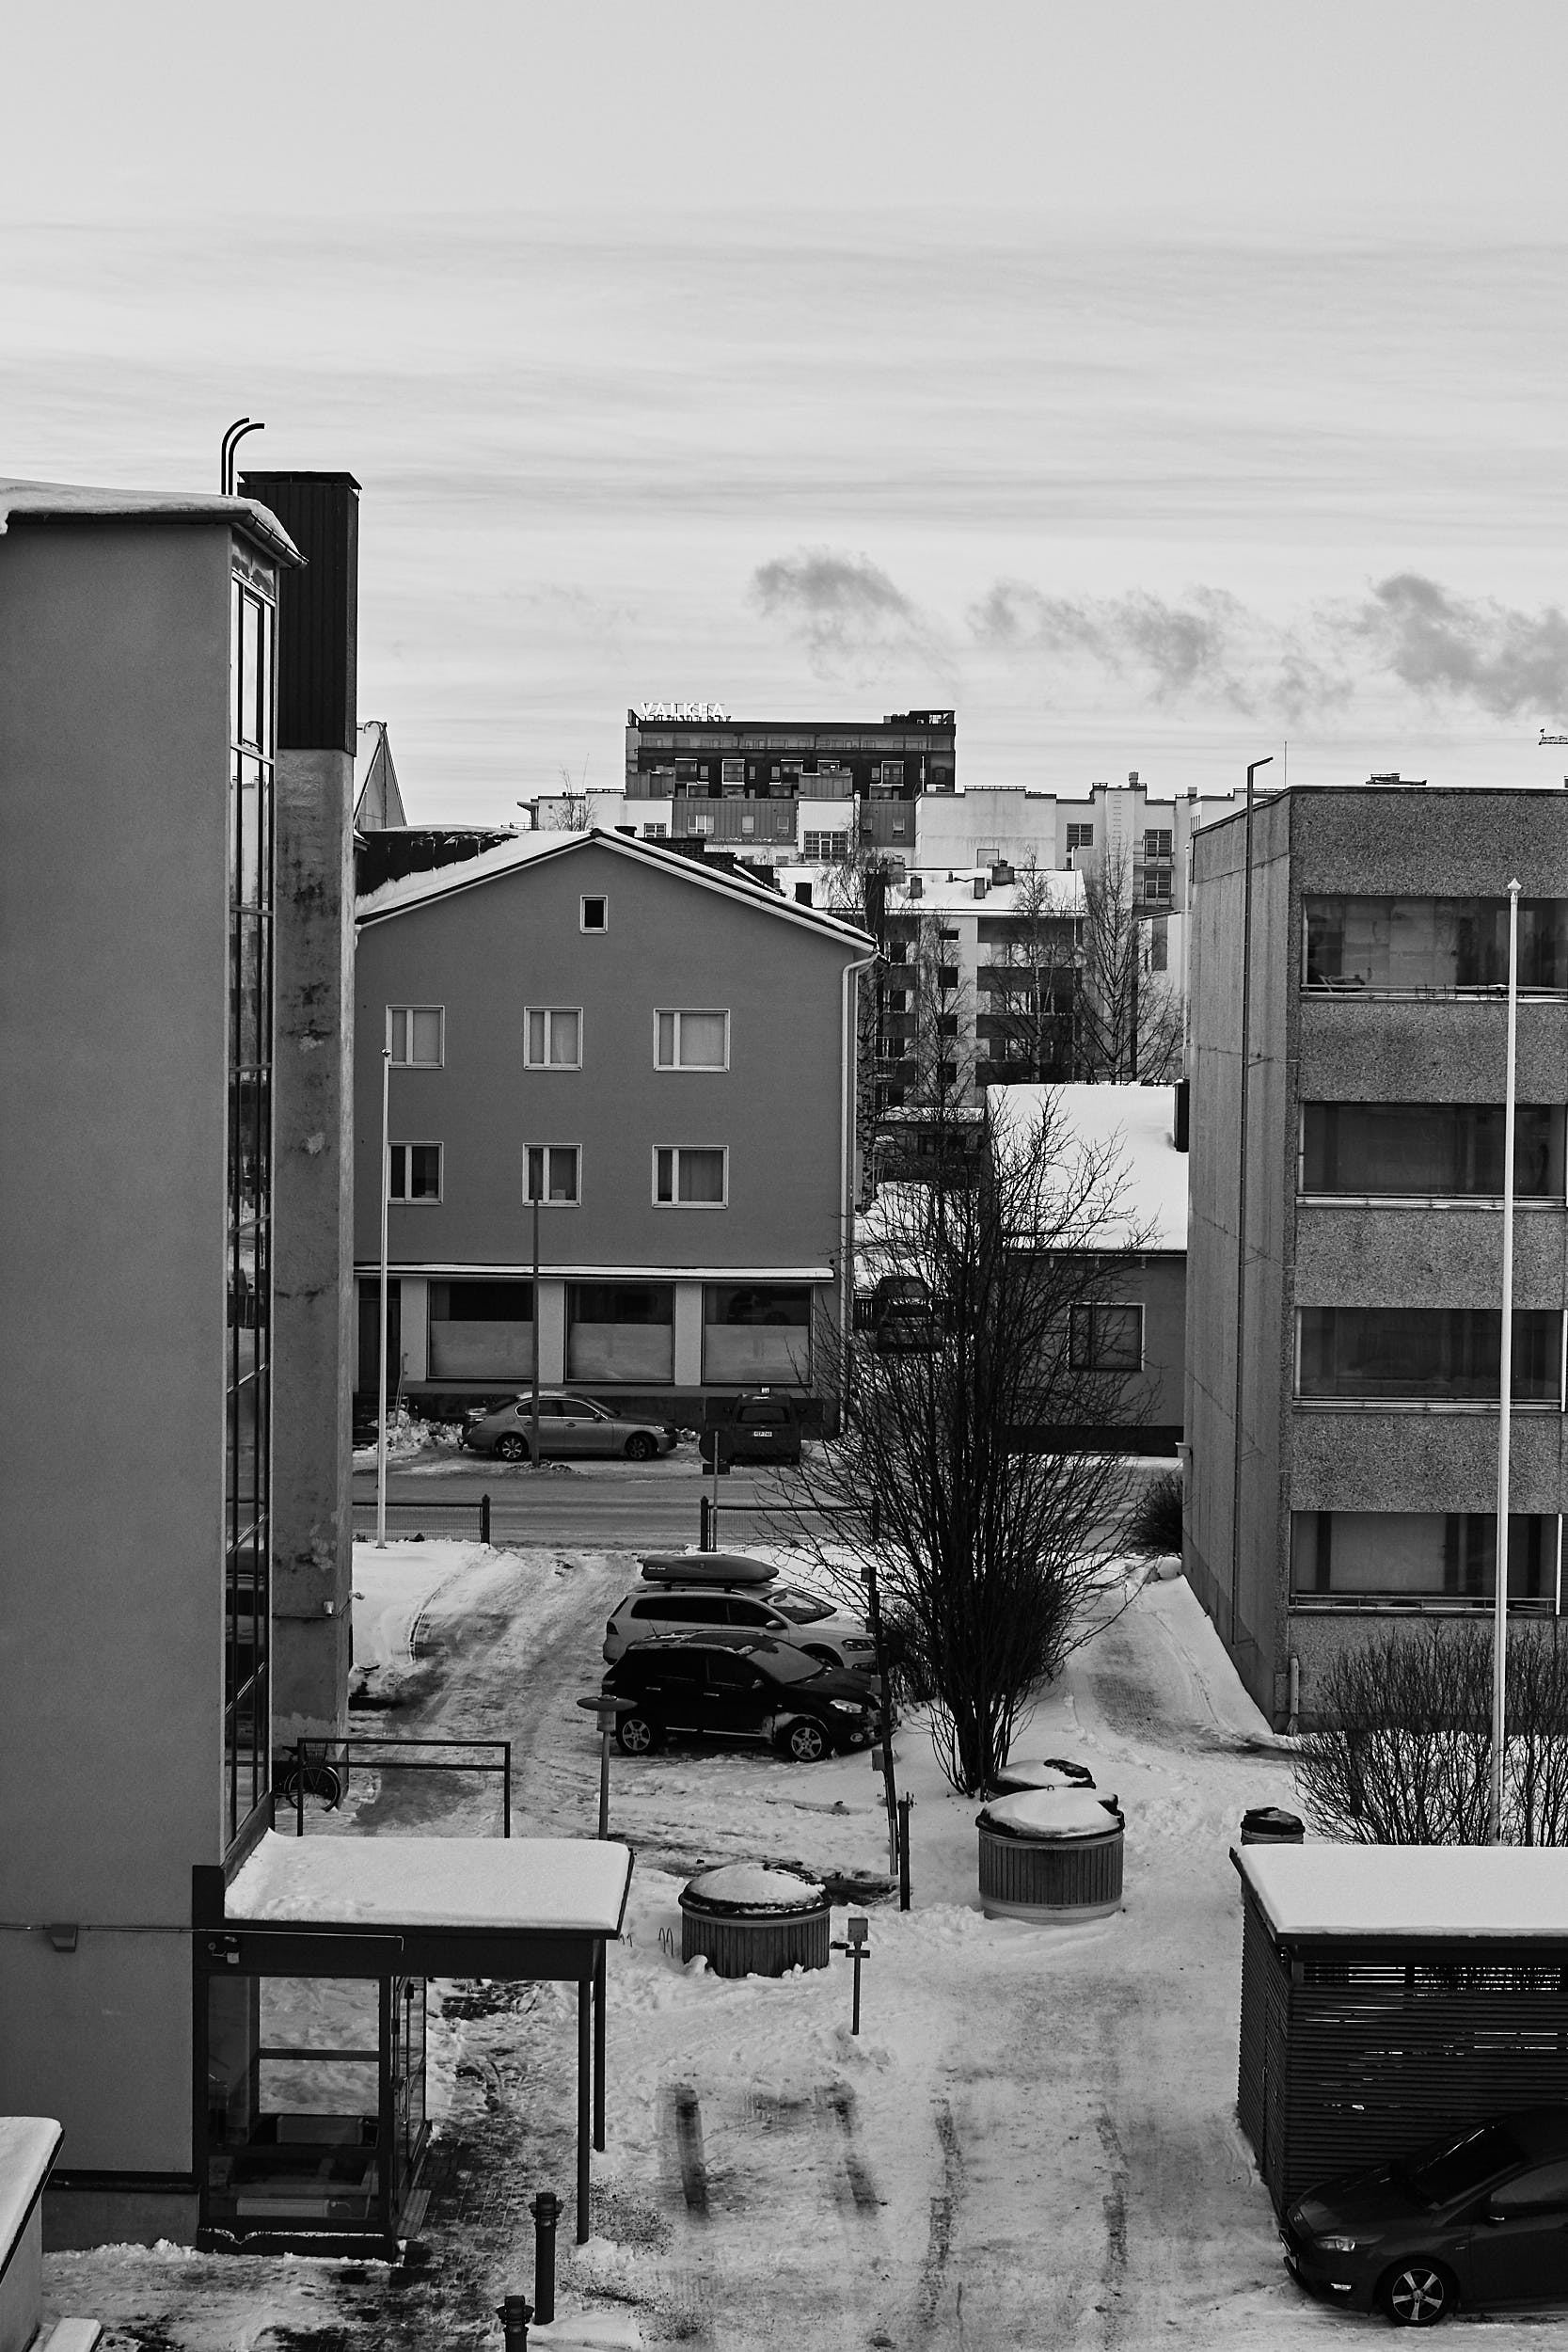 35 mm - 2019-01-07 10.28.46 - Oulu Week 2 Mix.jpg